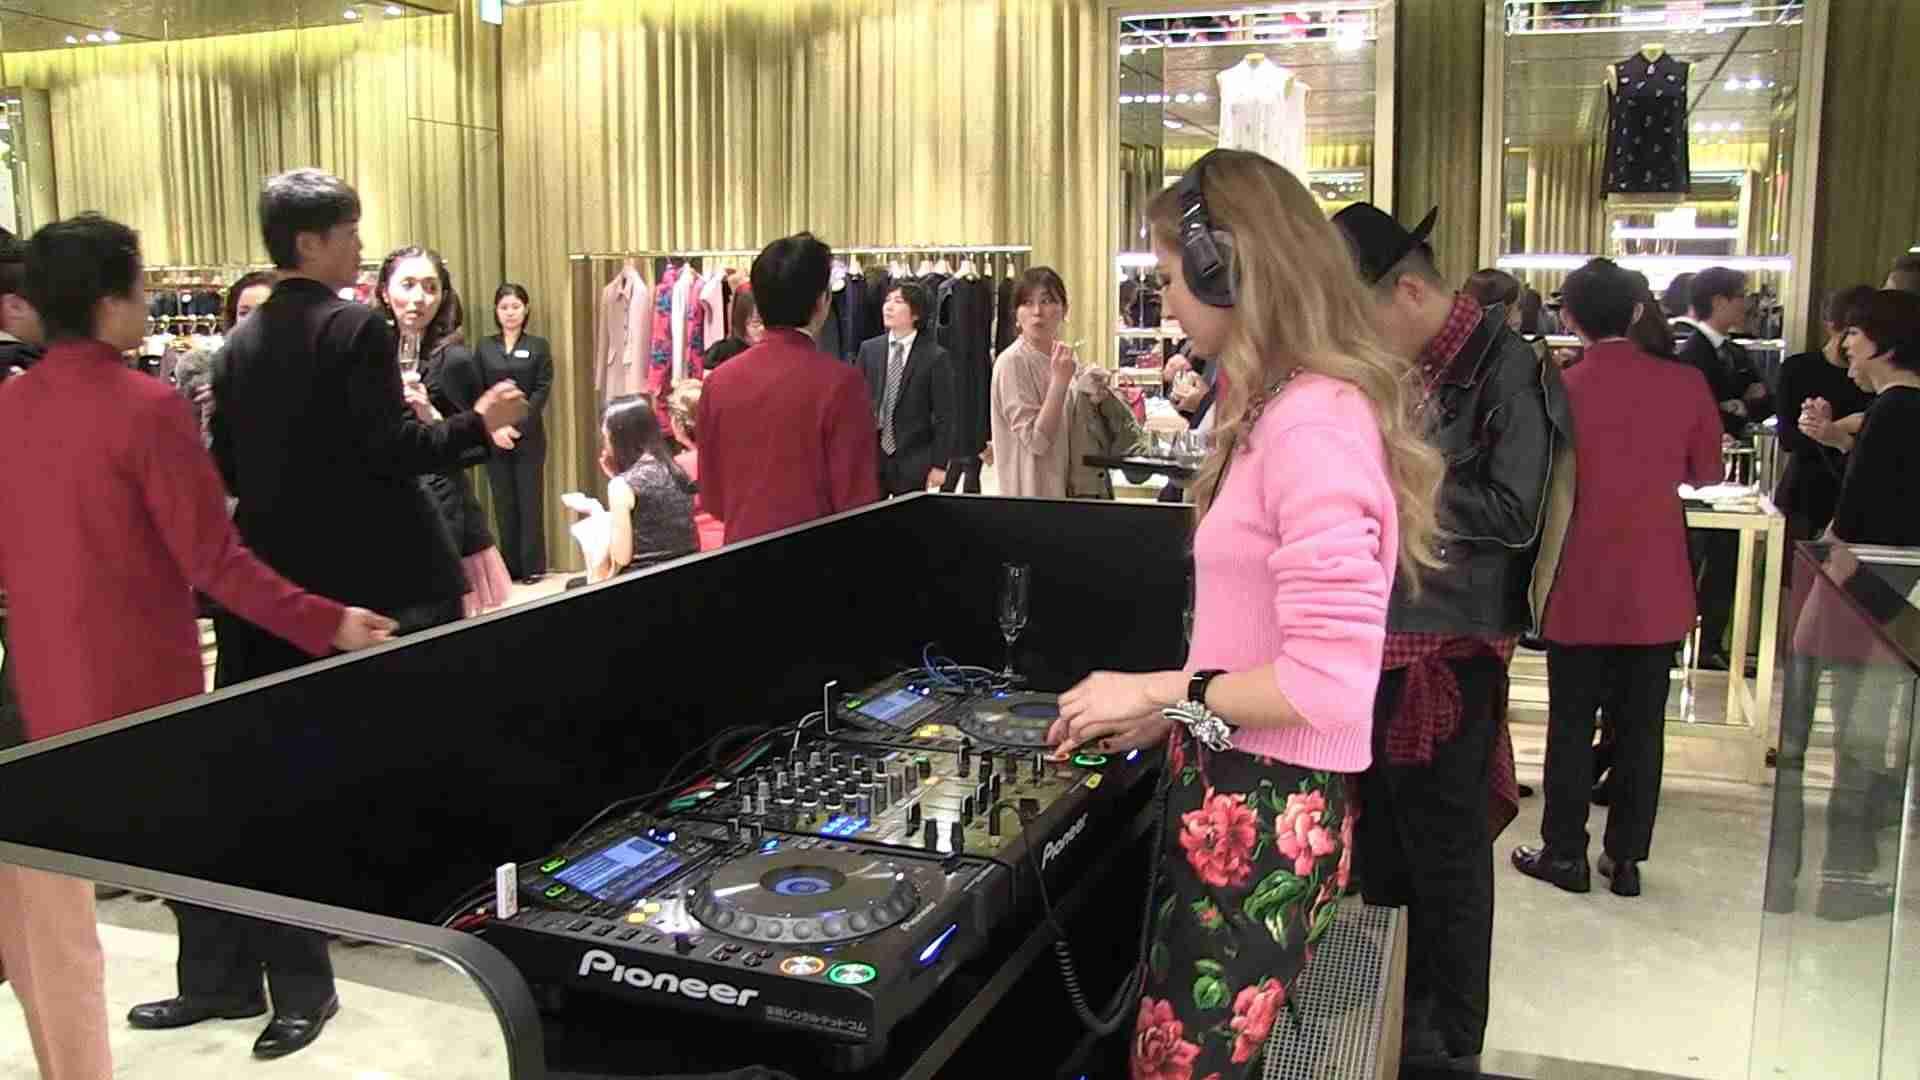 Miu Miu Party DJ VANCLIFFE/Elli-Rose - YouTube